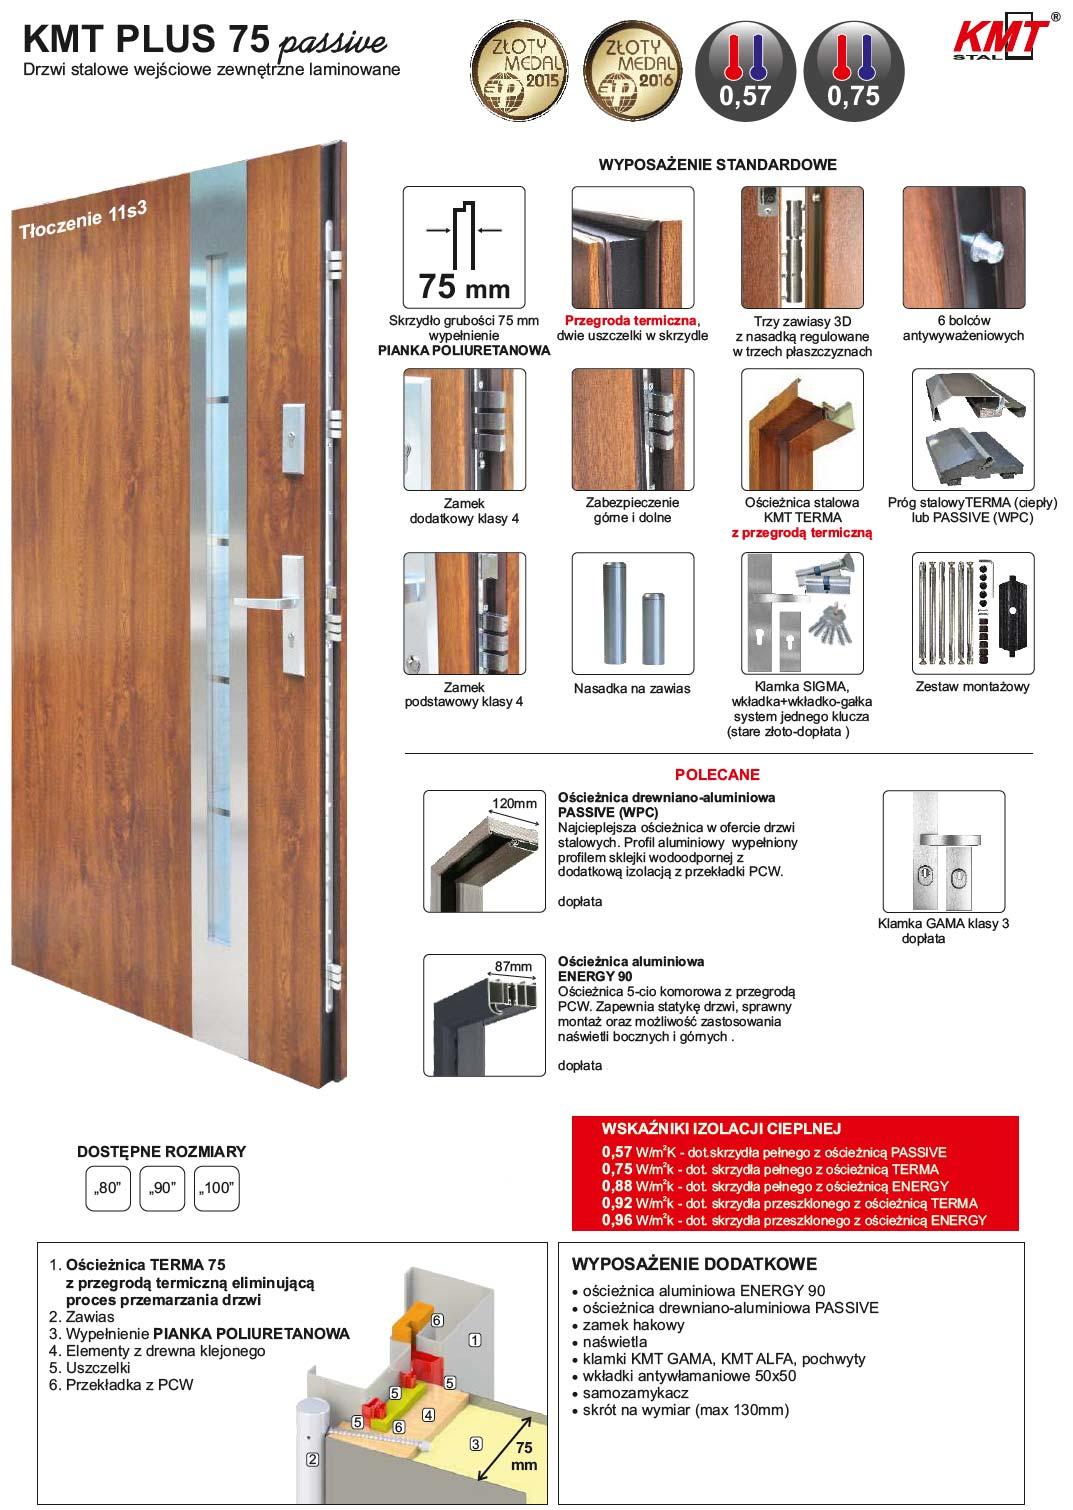 drzwi-kmt-plus-75passive-zestaw